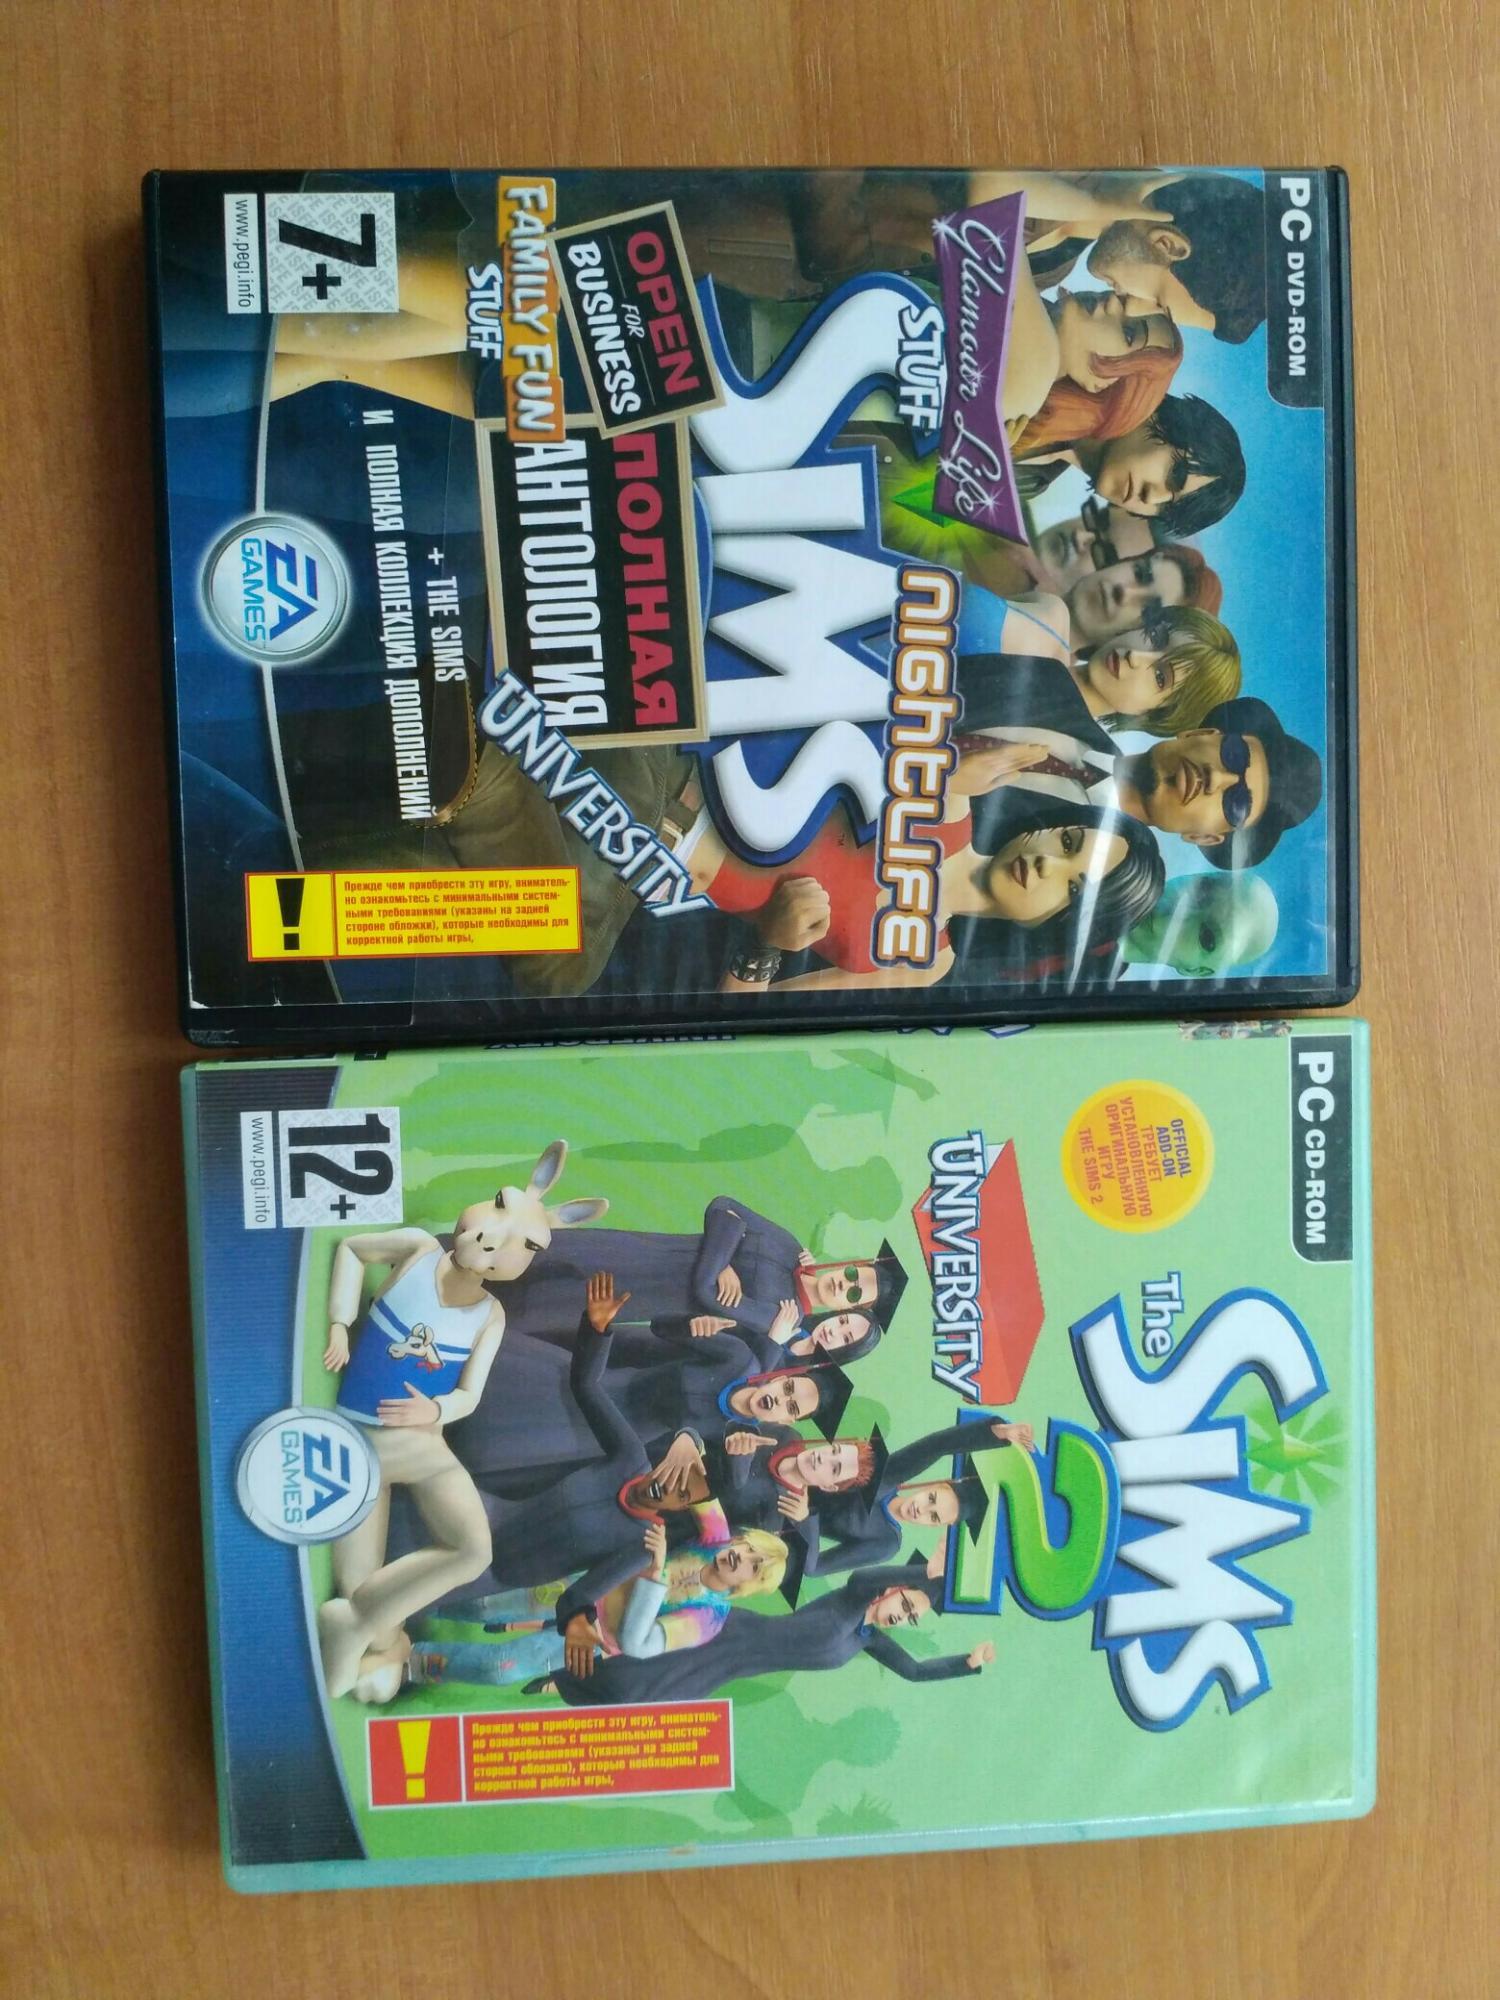 Диски с игрой The Sims, Sims 2, Sims 3 89645127208 купить 1